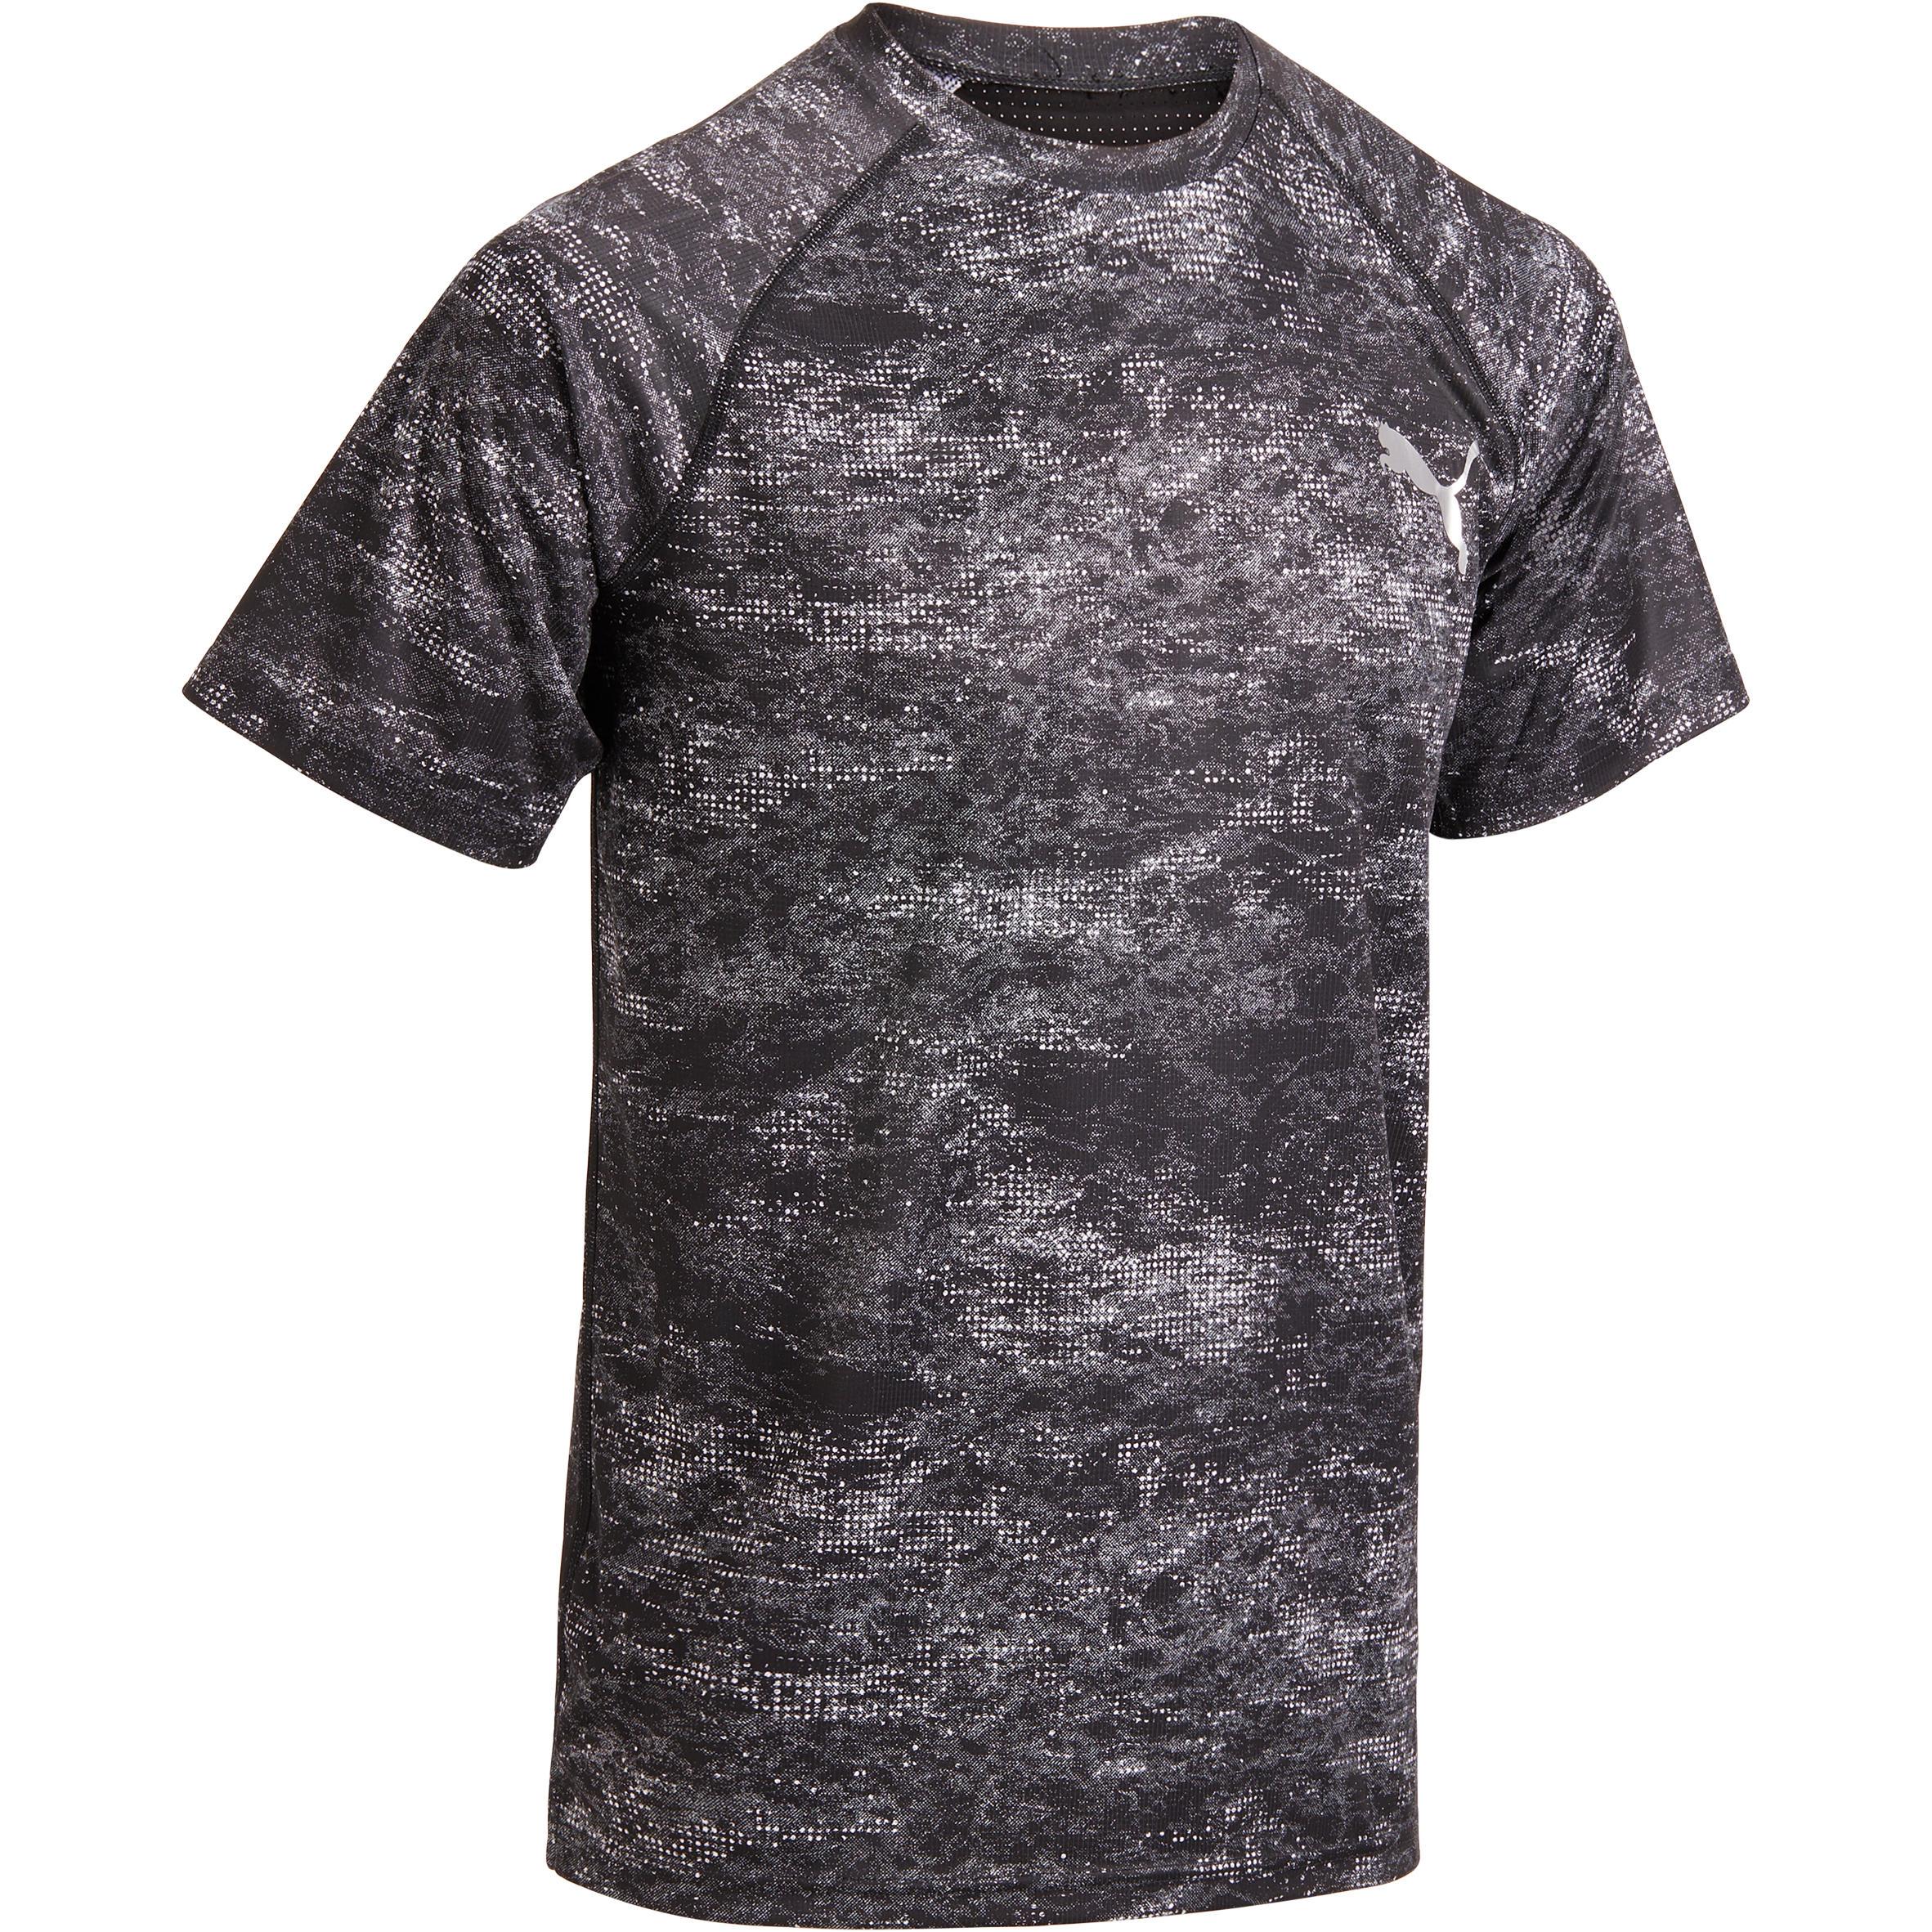 Puma T-shirt Puma zwart AOP